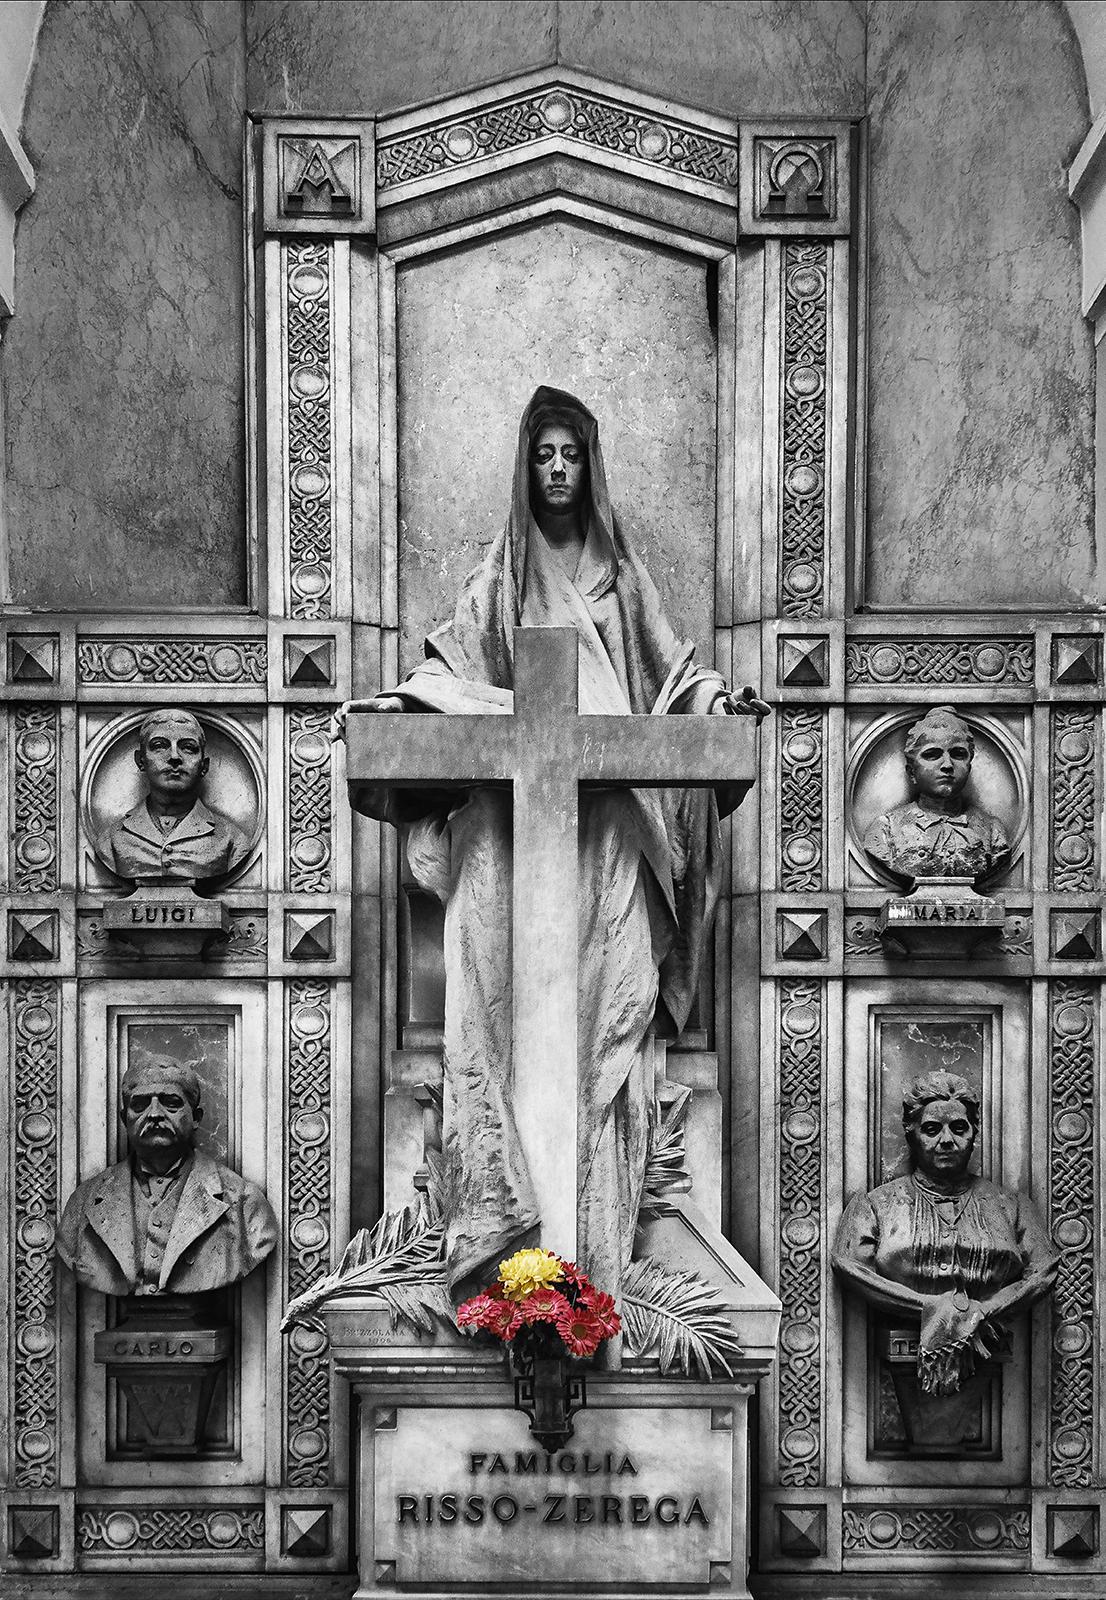 12-T. Risso-Zerega...un capolavoro con i busti dei 4 defunti e l'allegoria della fede